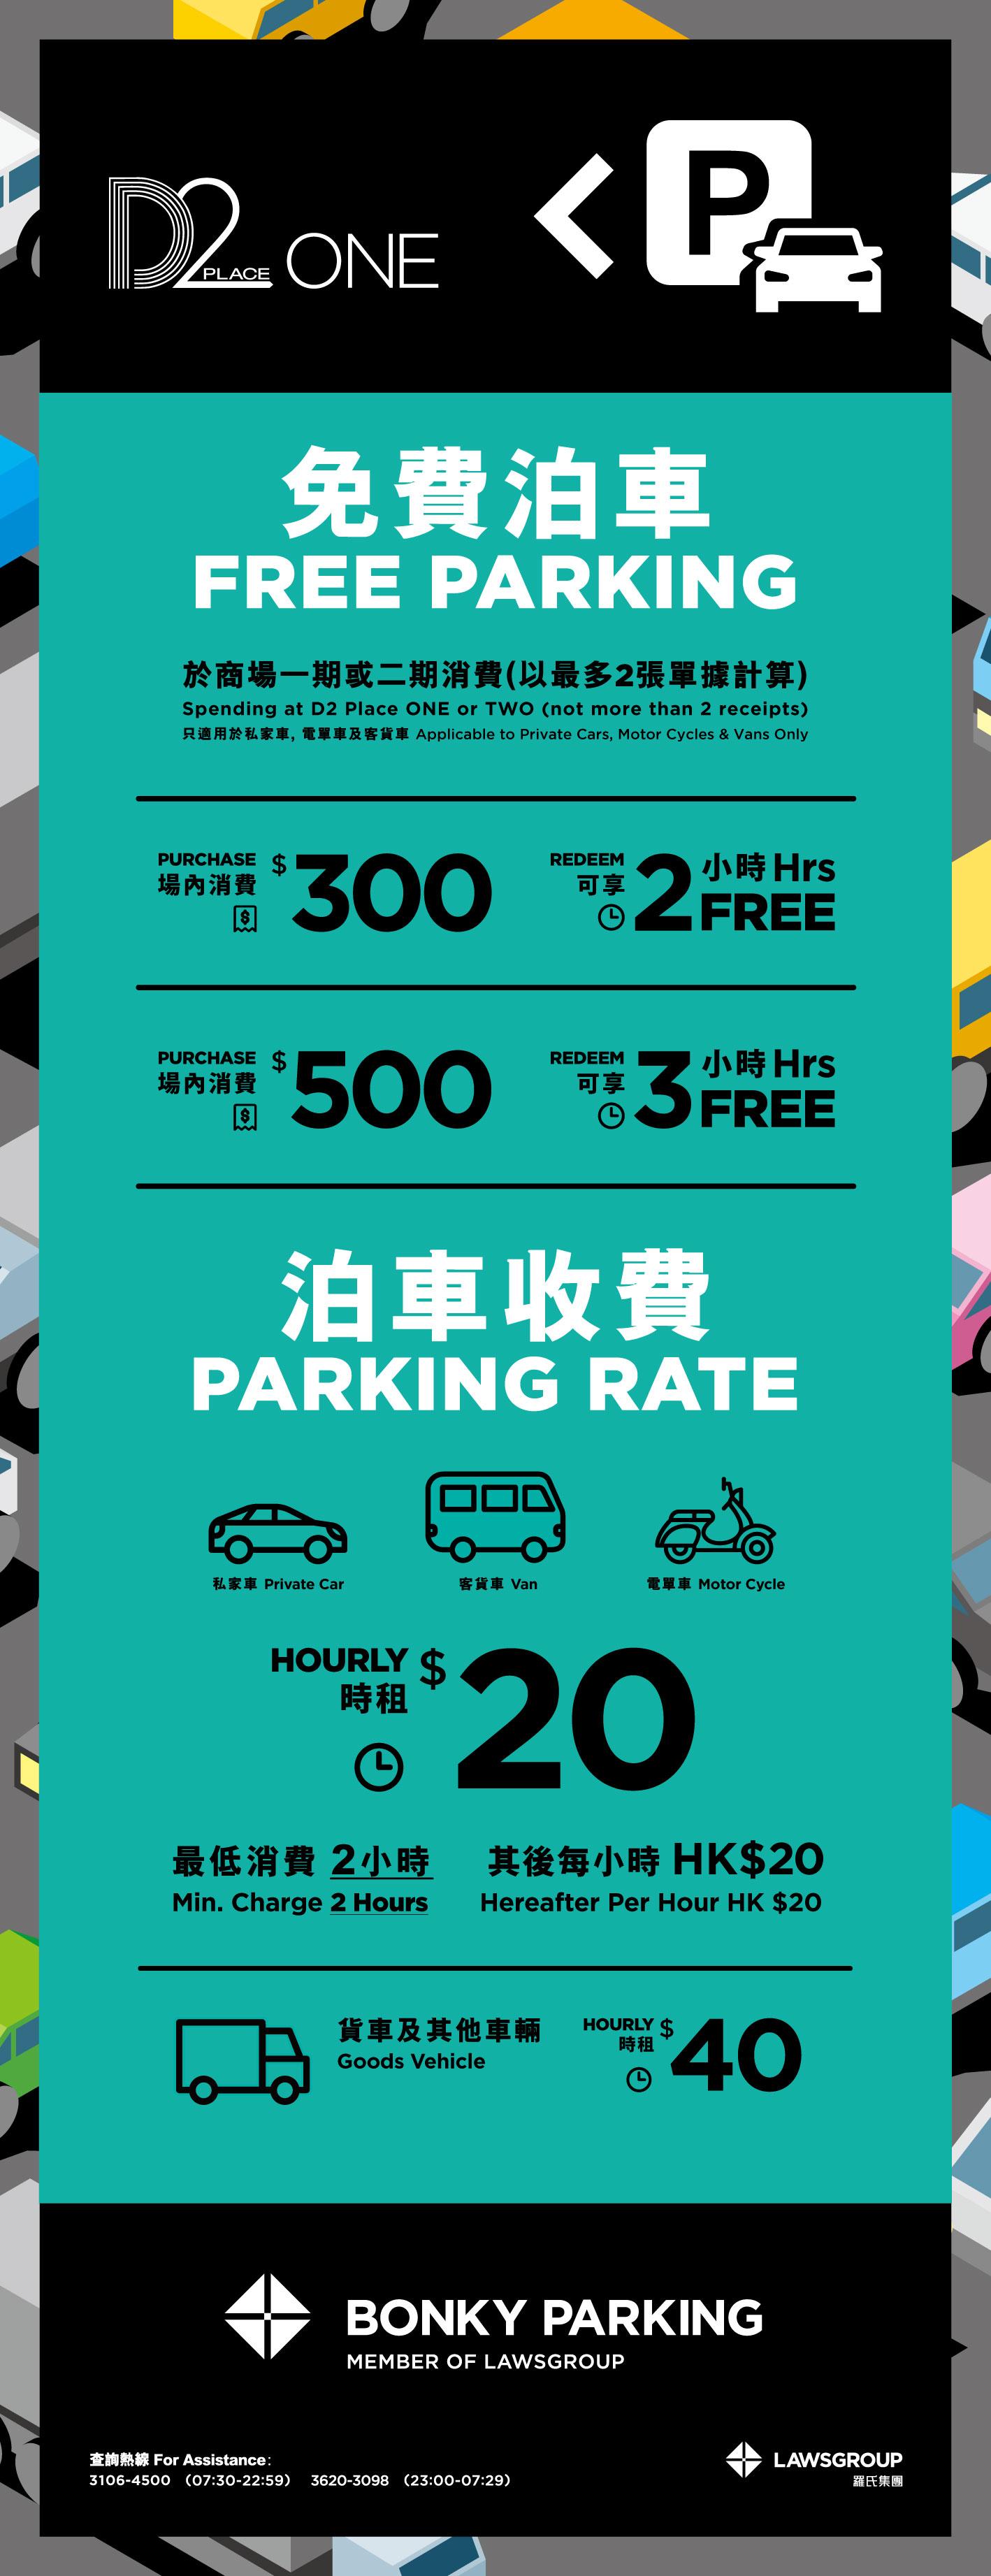 20190325_D2Place2_Parking-signage_v2b.jpg